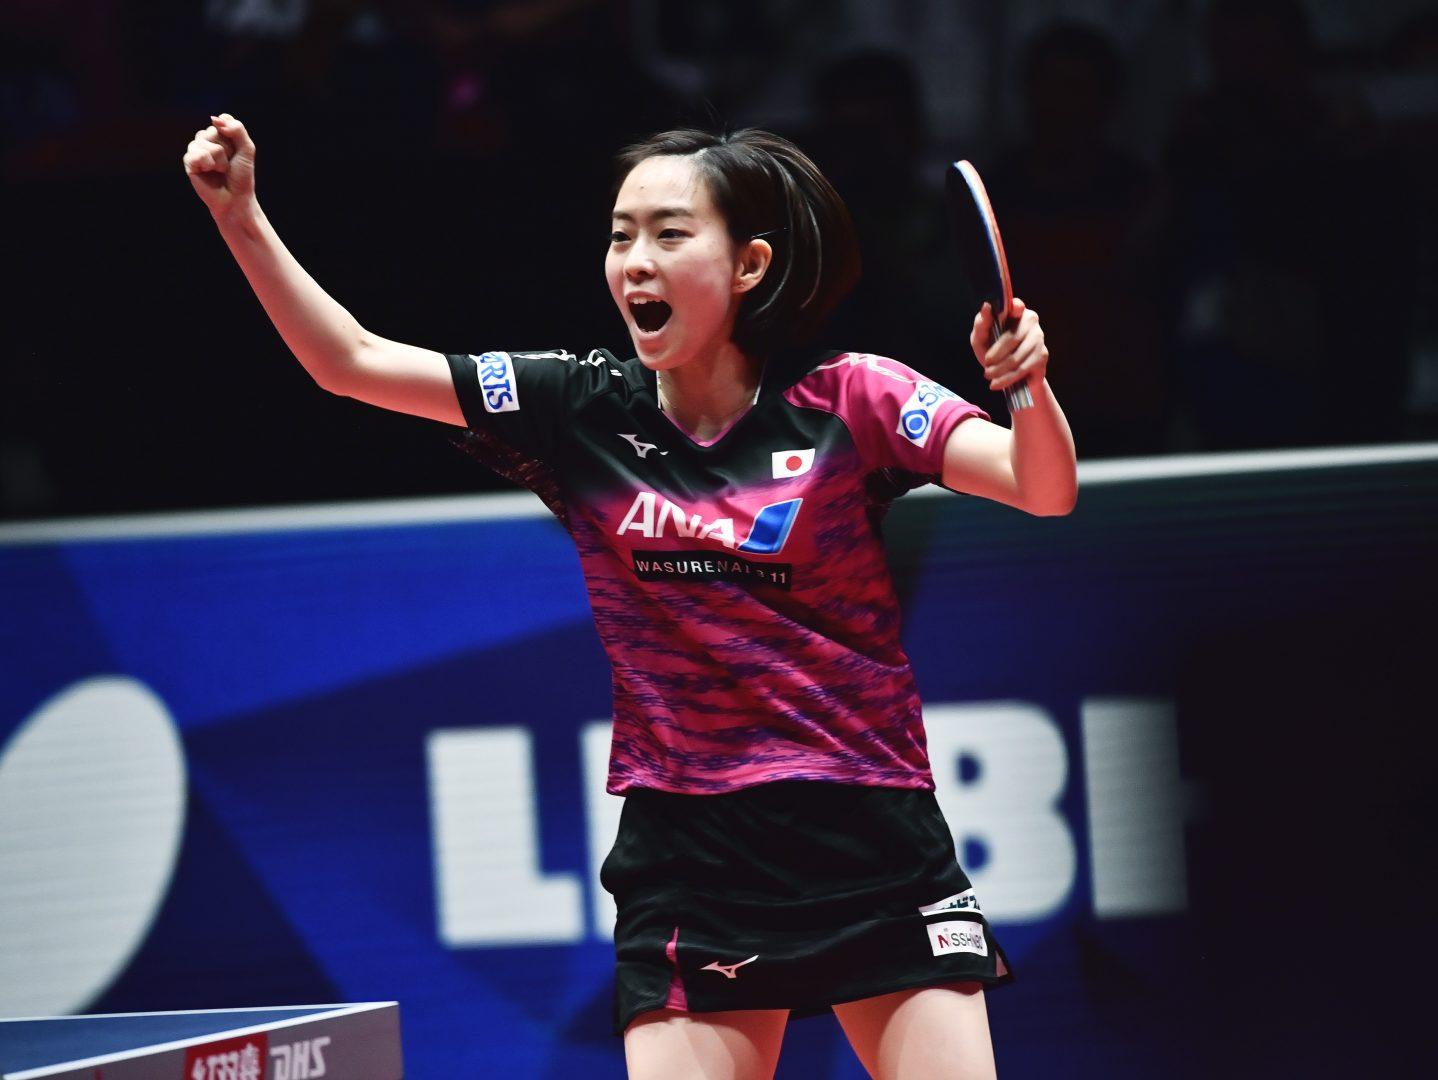 世界卓球8勝の伊藤美誠が自己最高5位 卓球女子世界ランキング(5月最新発表)